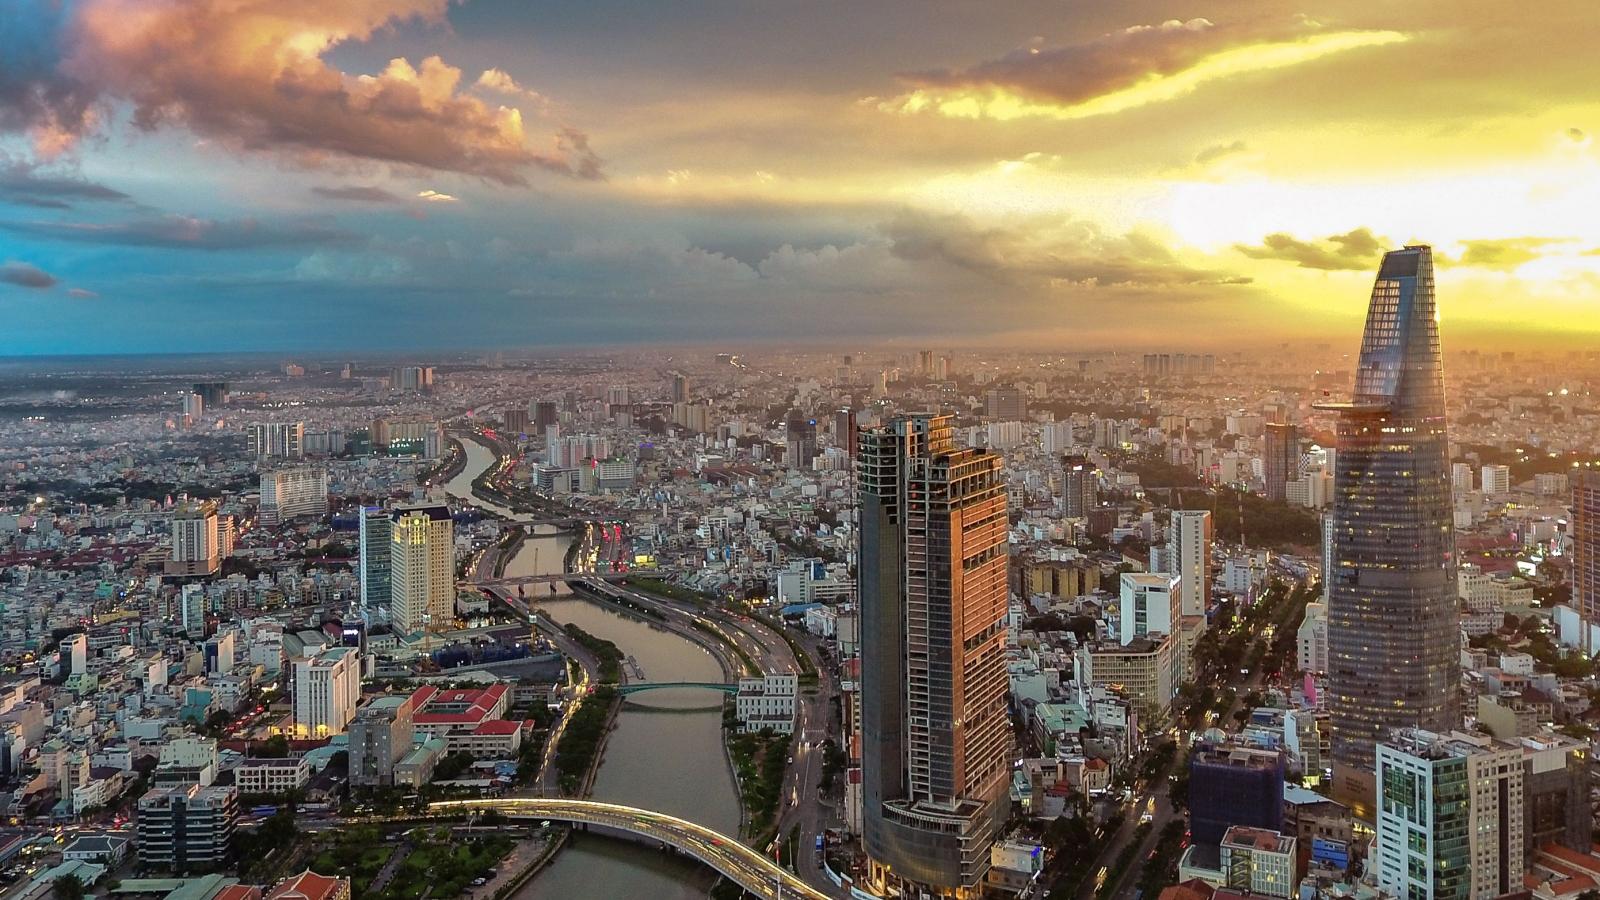 Chuyên gia Nga: 10 năm tới sẽ là thời kỳ tăng trưởng về chất đối với Việt Nam